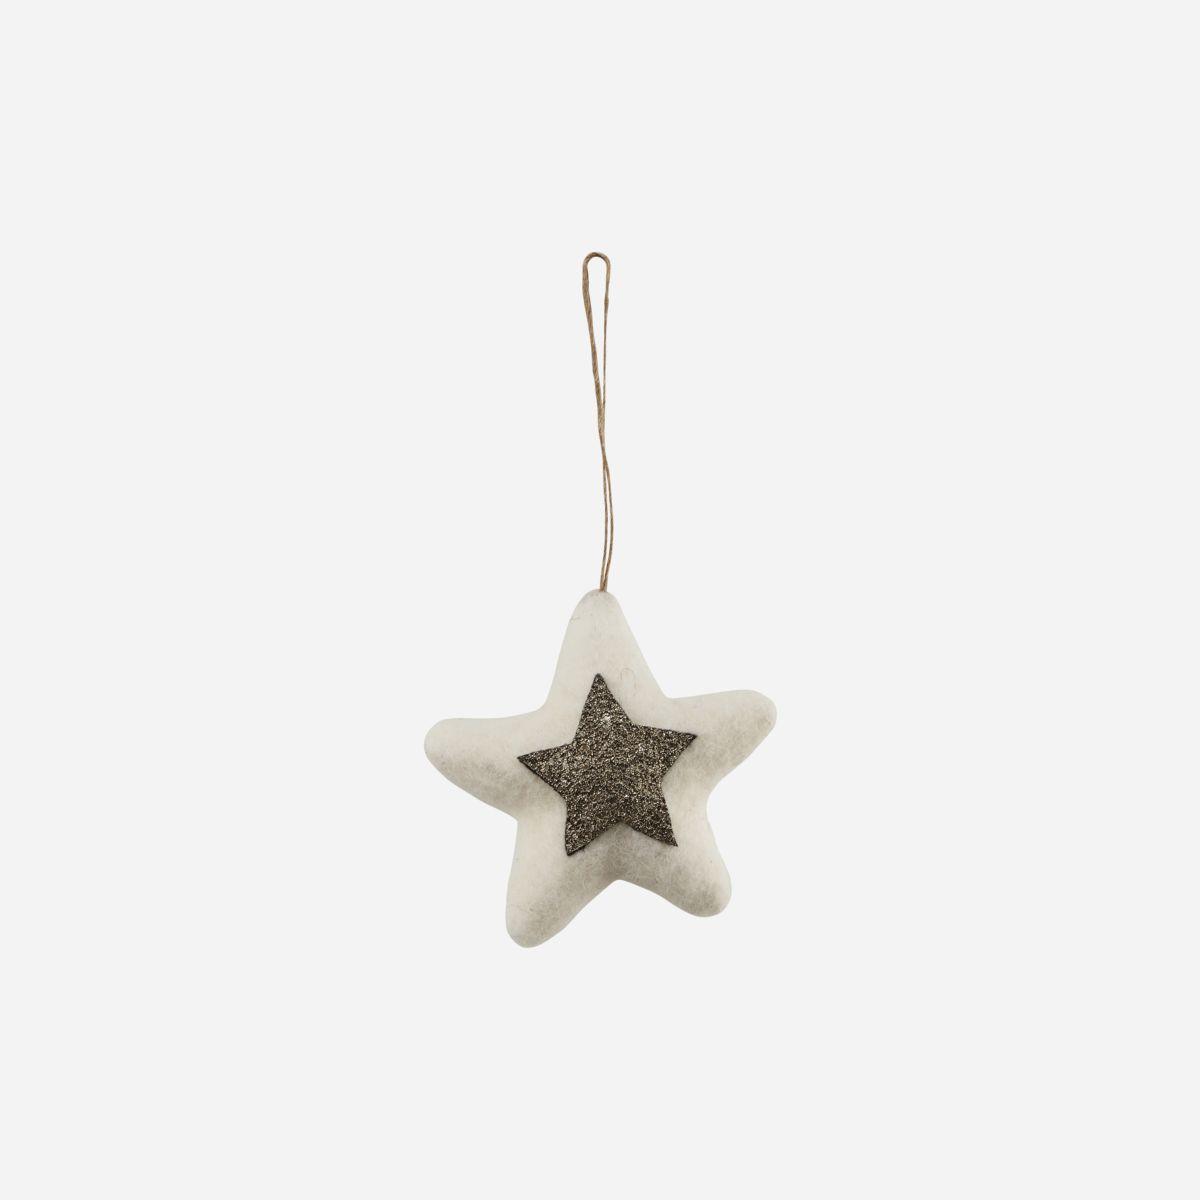 Adorno estrella fieltro - House Doctor - decoracion Navidad - lana - Liderlamp (1)